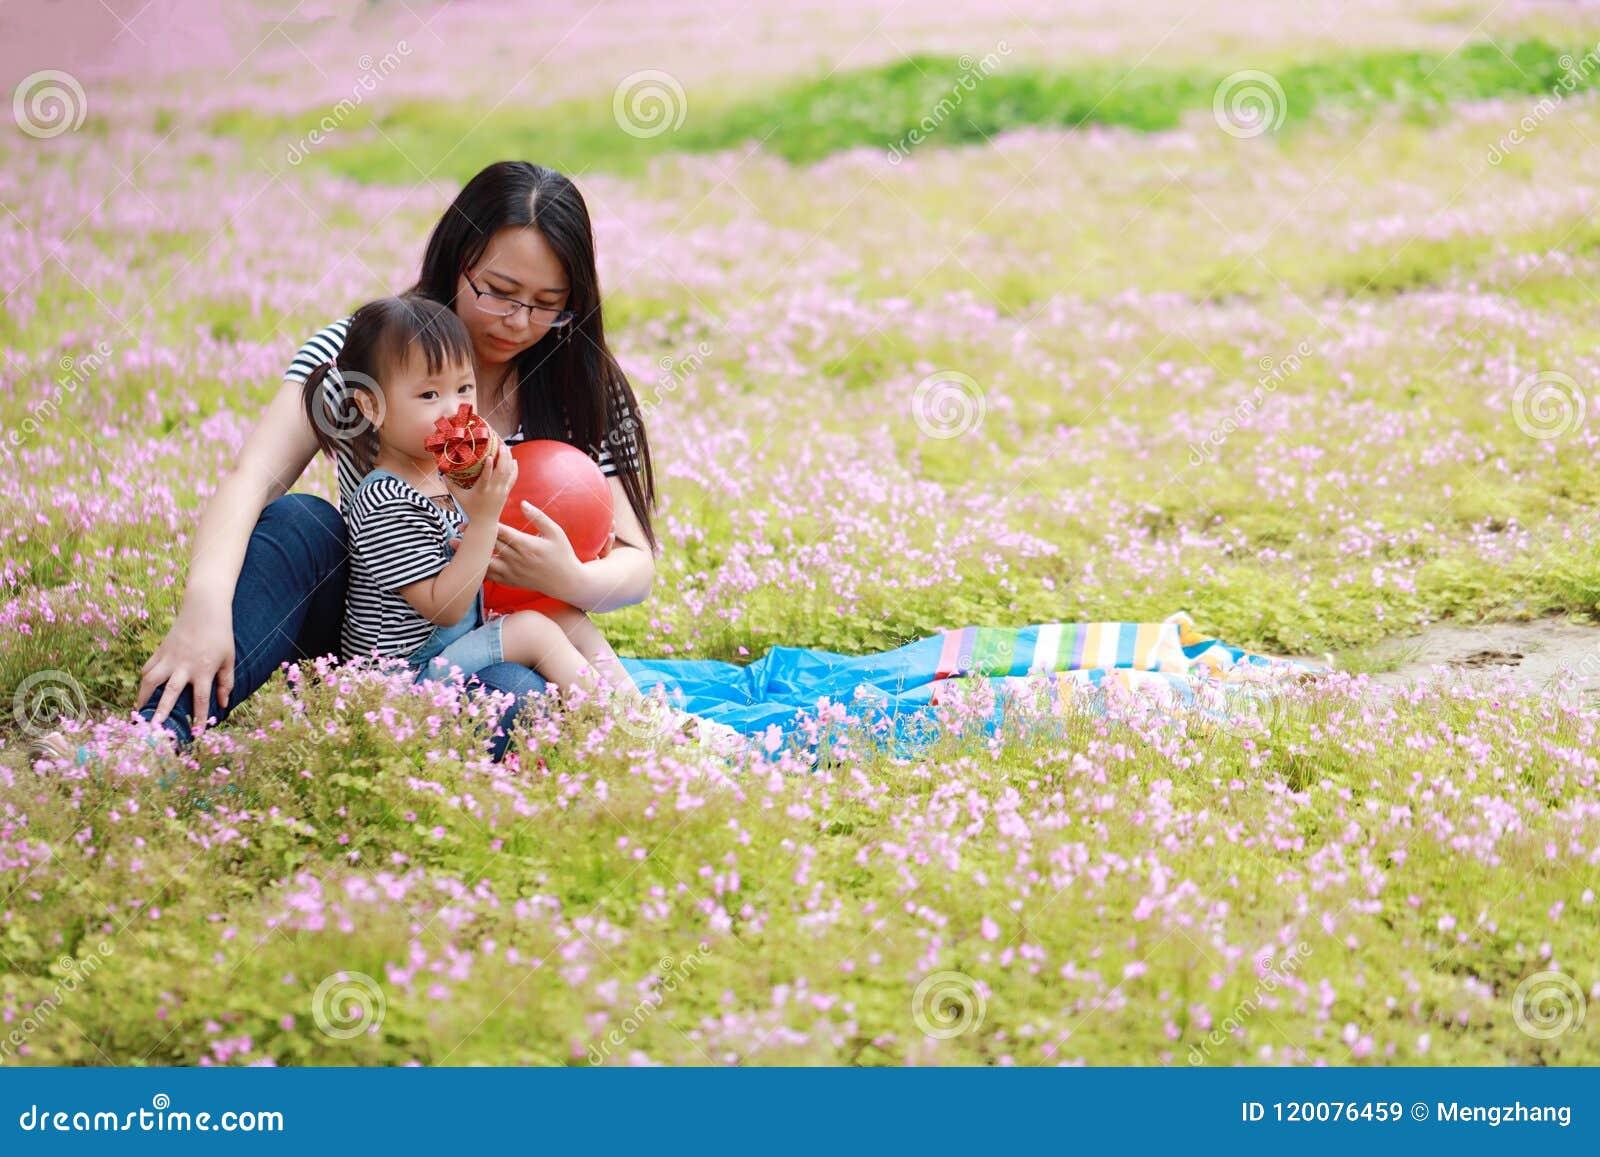 Szczęśliwy mały śliczny dziewczynka uśmiech, sztuka i szybko się zwiększać z matką, mama mówimy opowieść jego córka w lato parka